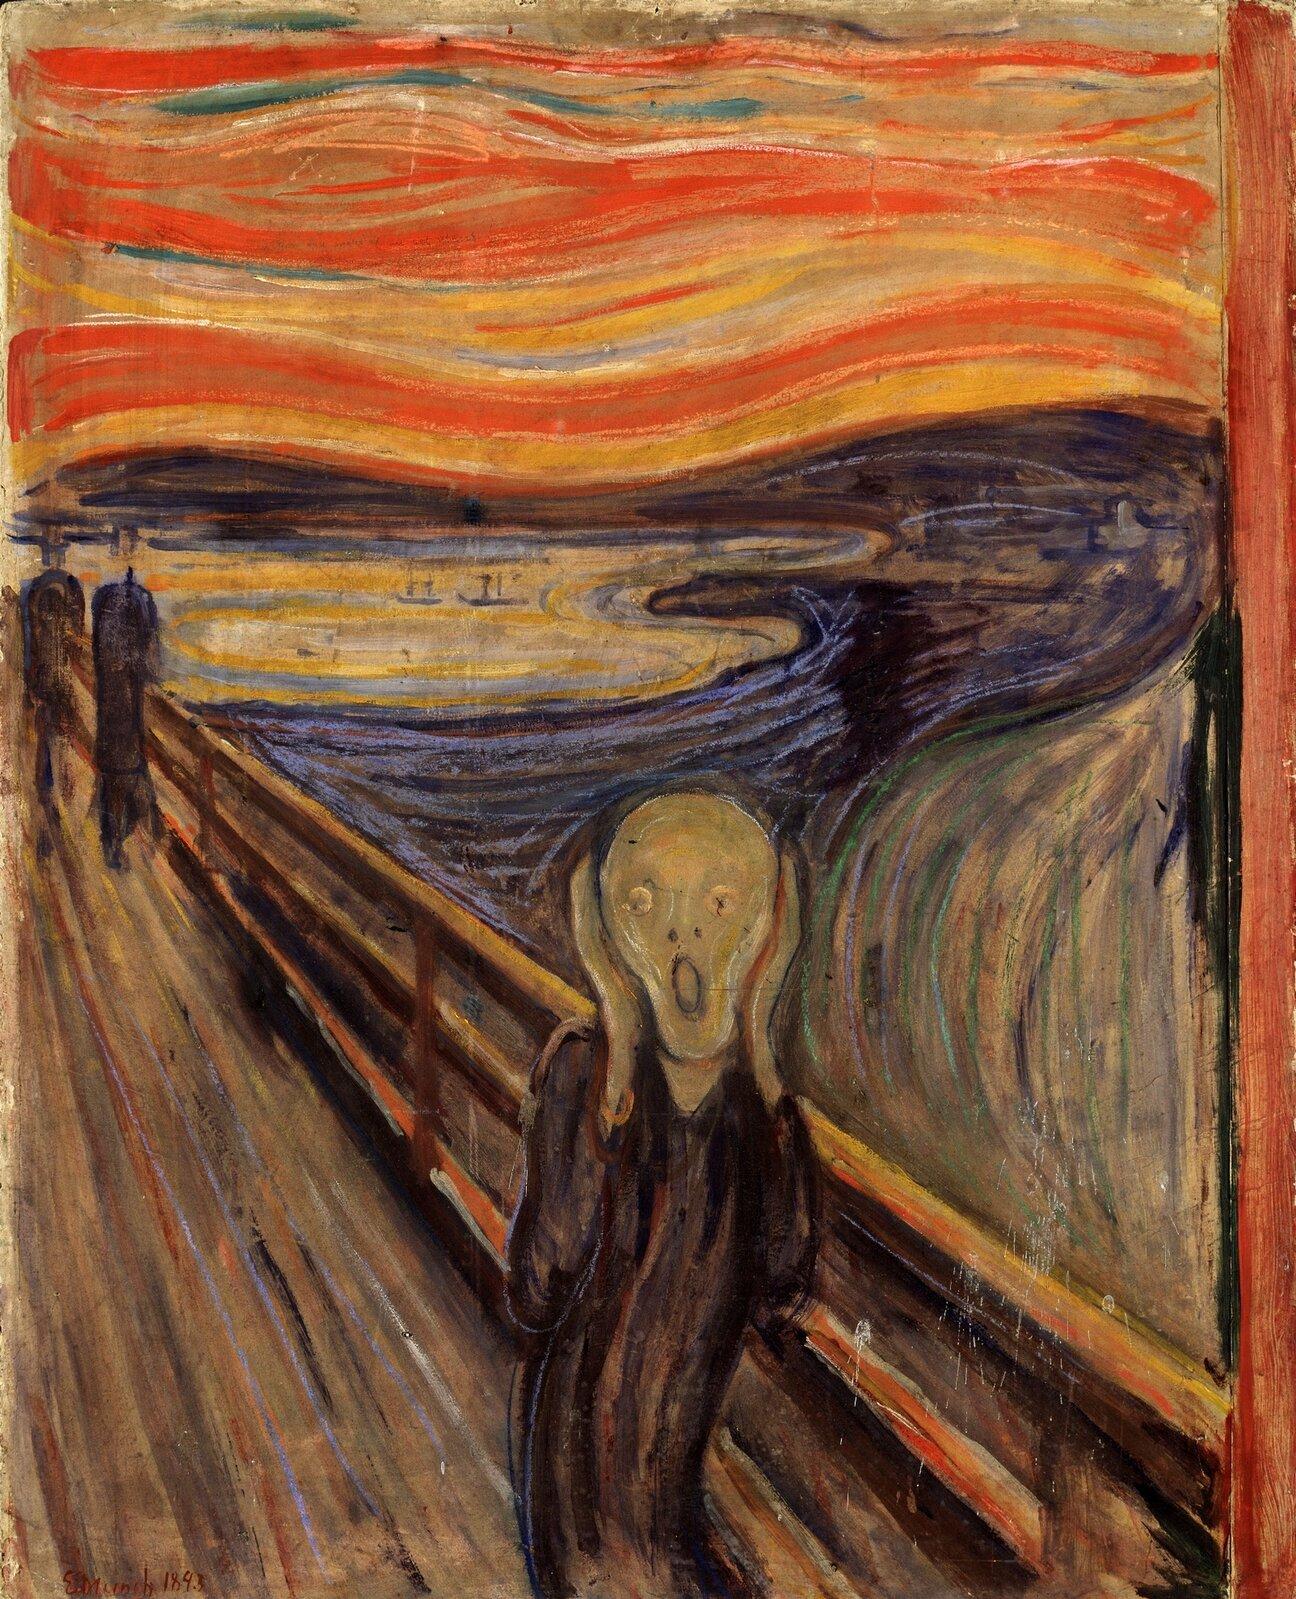 """Ilustracja przedstawia obraz Edwarda Muncha """"Krzyk"""". Ukazuje samotną postać stojącą na tle mostu. Namalowana falistą linią postać trzyma się za głowę. Wtle idą dwie inne osoby. Tło tworzą faliste linie - żółto-niebieski ląd oraz czerwono-pomarańczowe niebo. Most namalowany jest diagonalnymi, czyli ukośnymi pociągnięciami pędzla."""